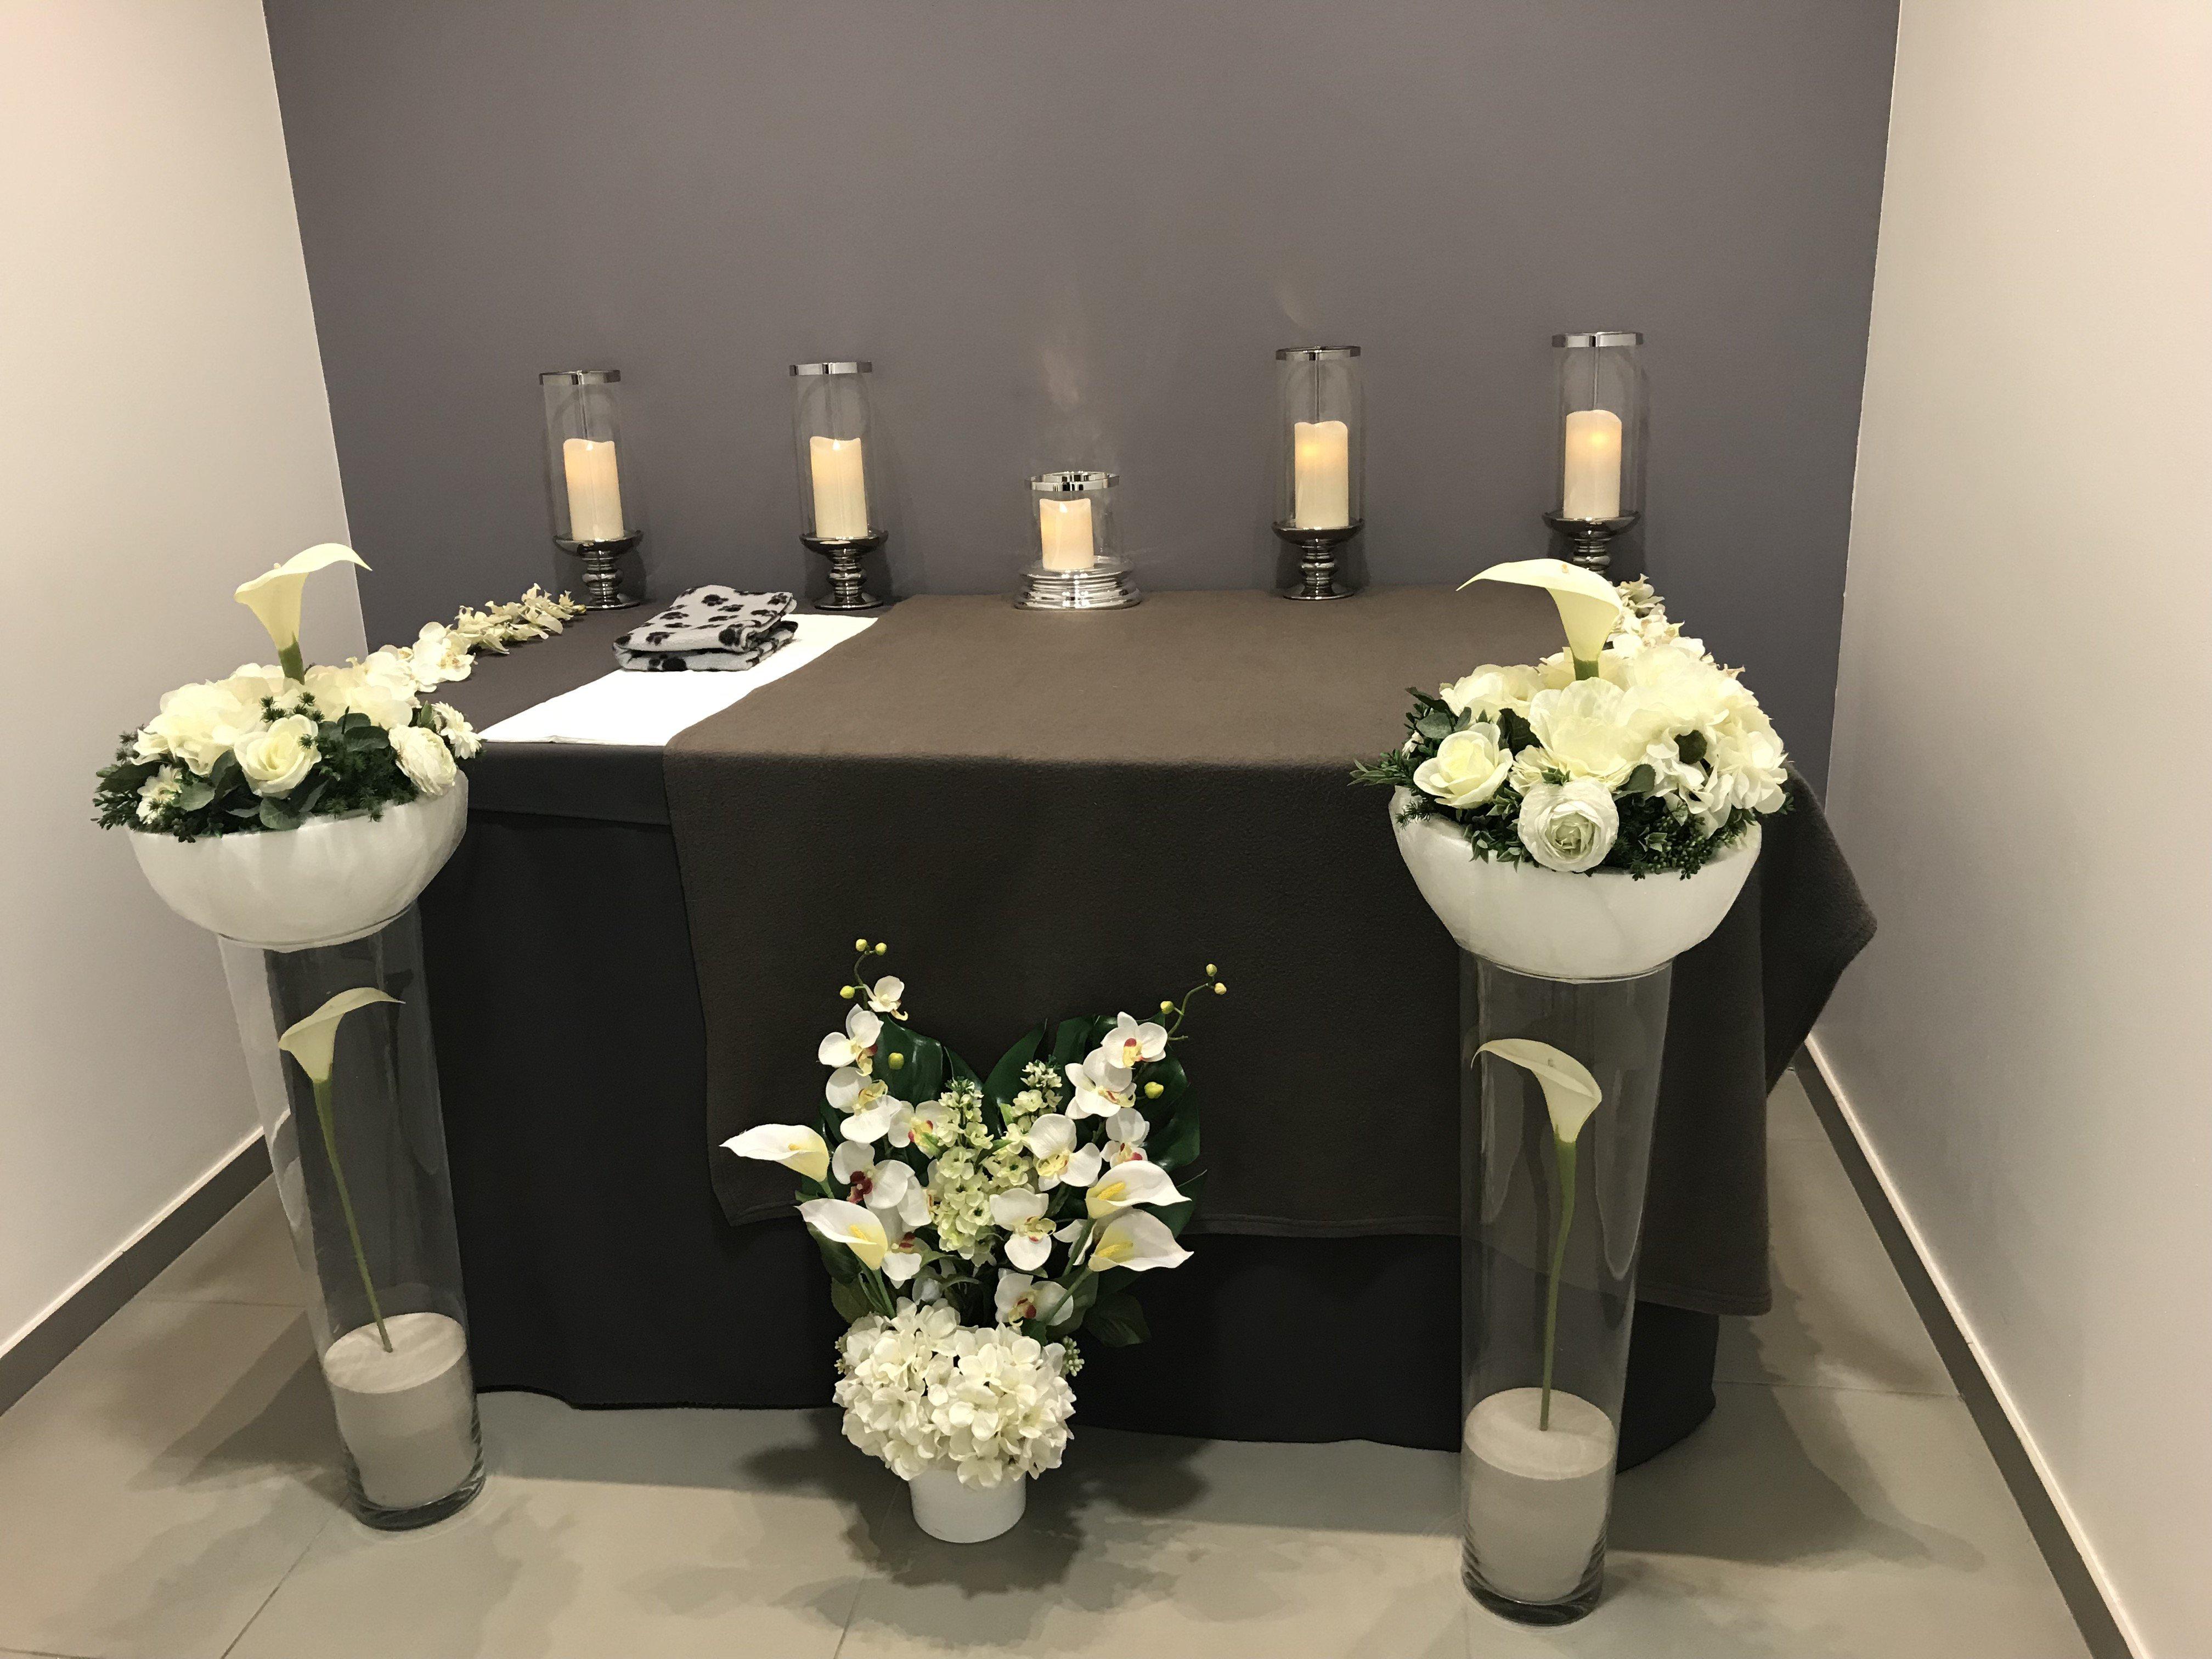 Afscheidskamer Pet Funeral Center Kortrijk